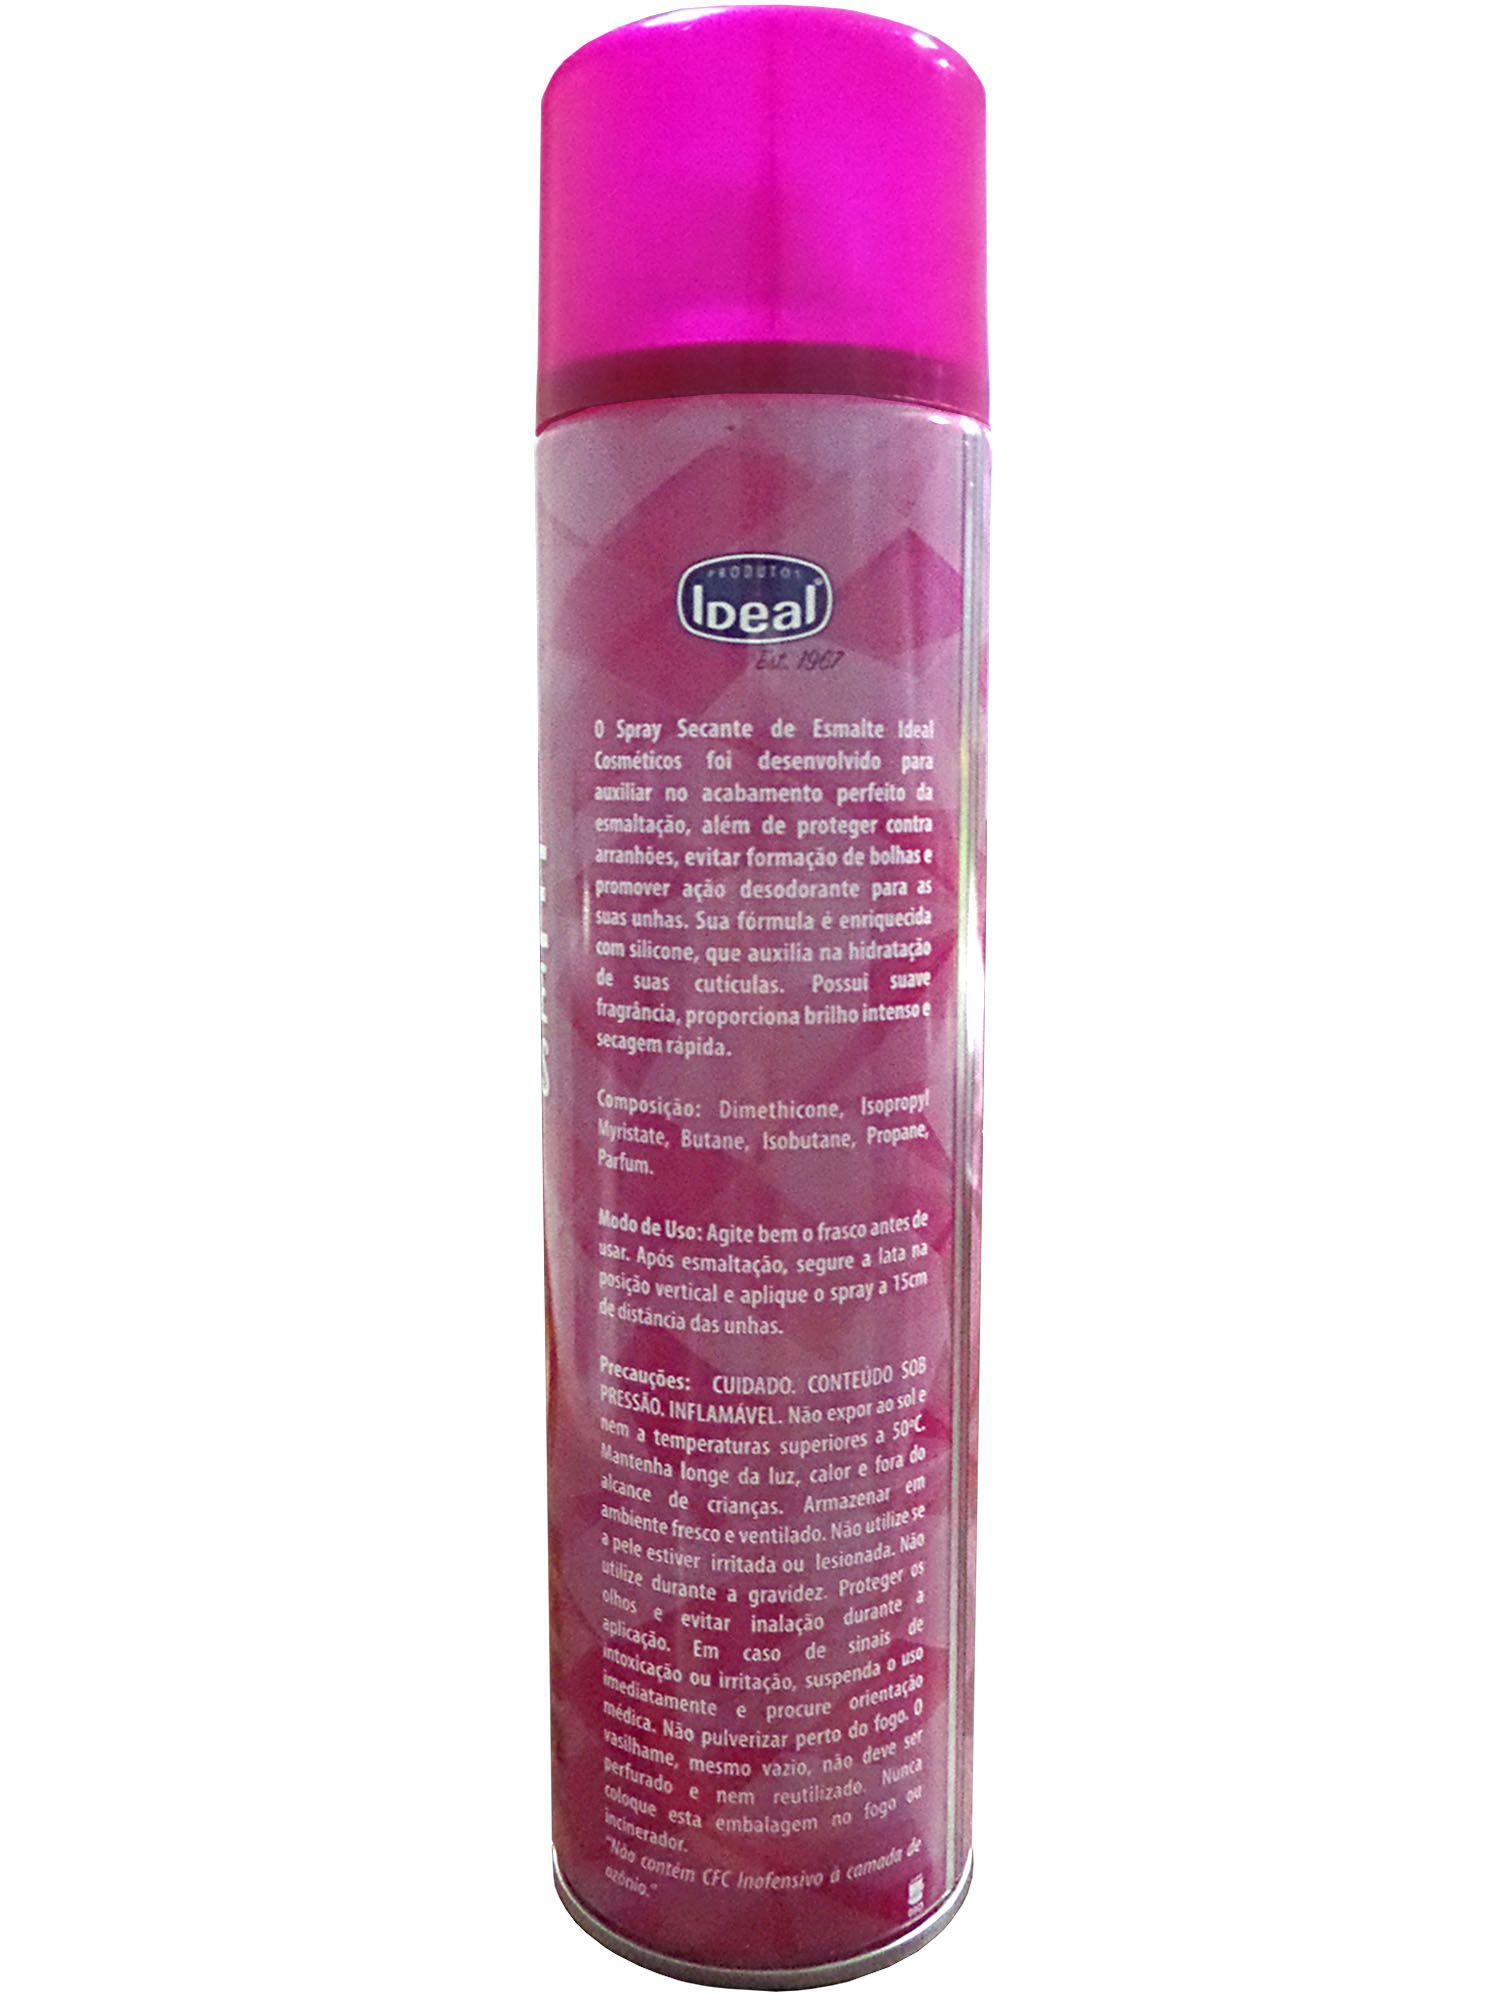 Spray Secante de Esmalte para Unhas - Ideal